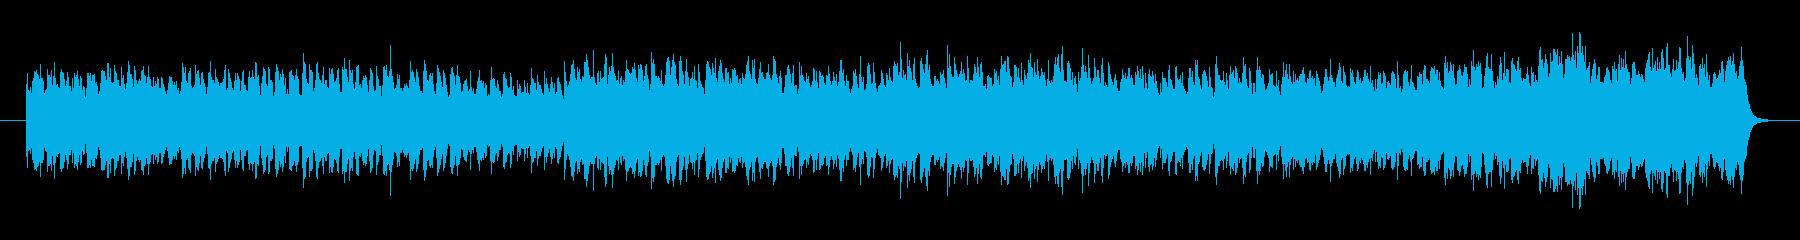 軽快なアップテンポのポップスの再生済みの波形